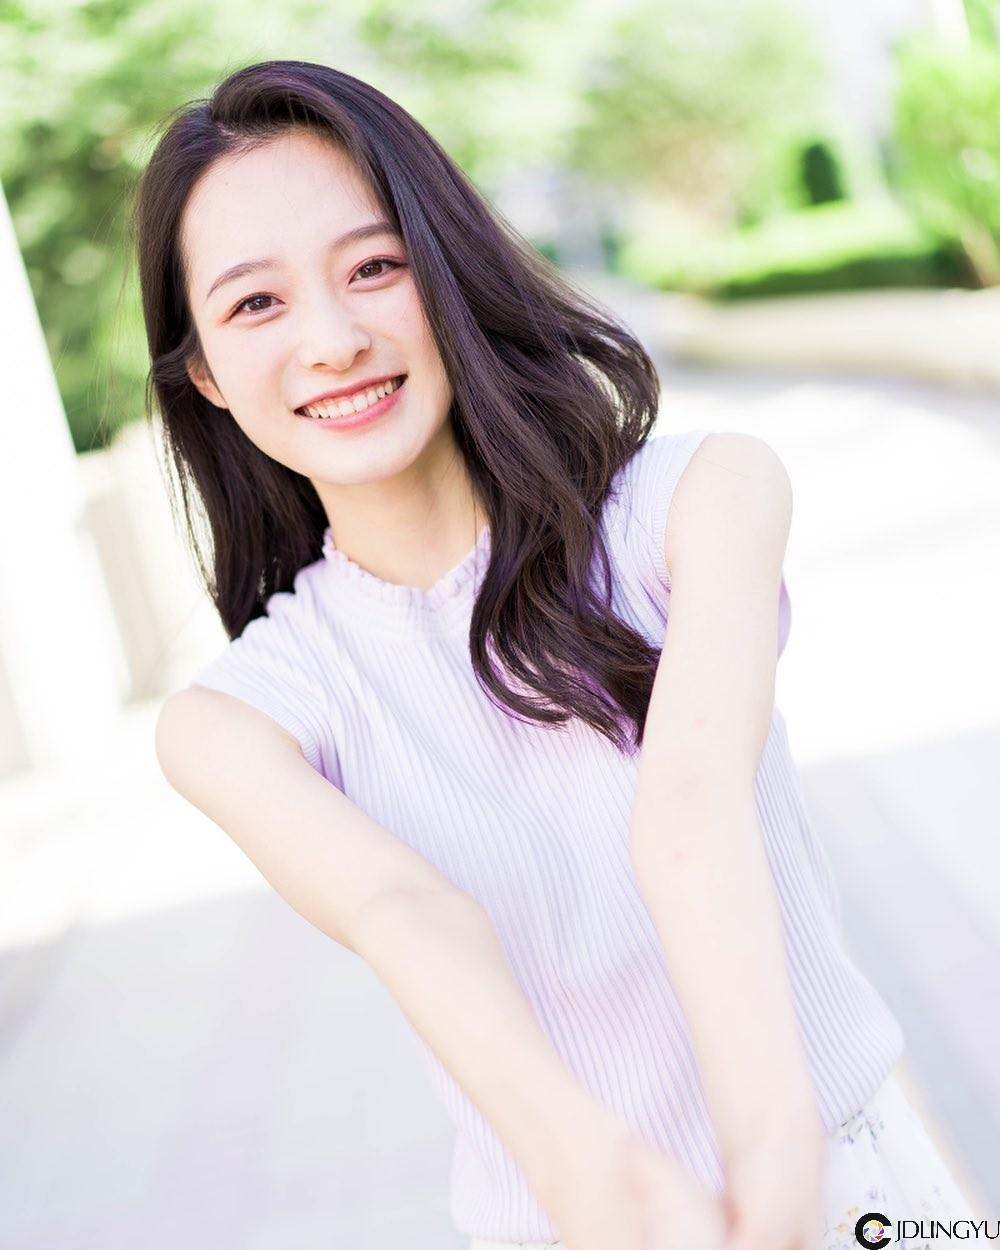 东京大学校花「神谷明采」笑容超甜 气质出众不愧是第一学府高材生